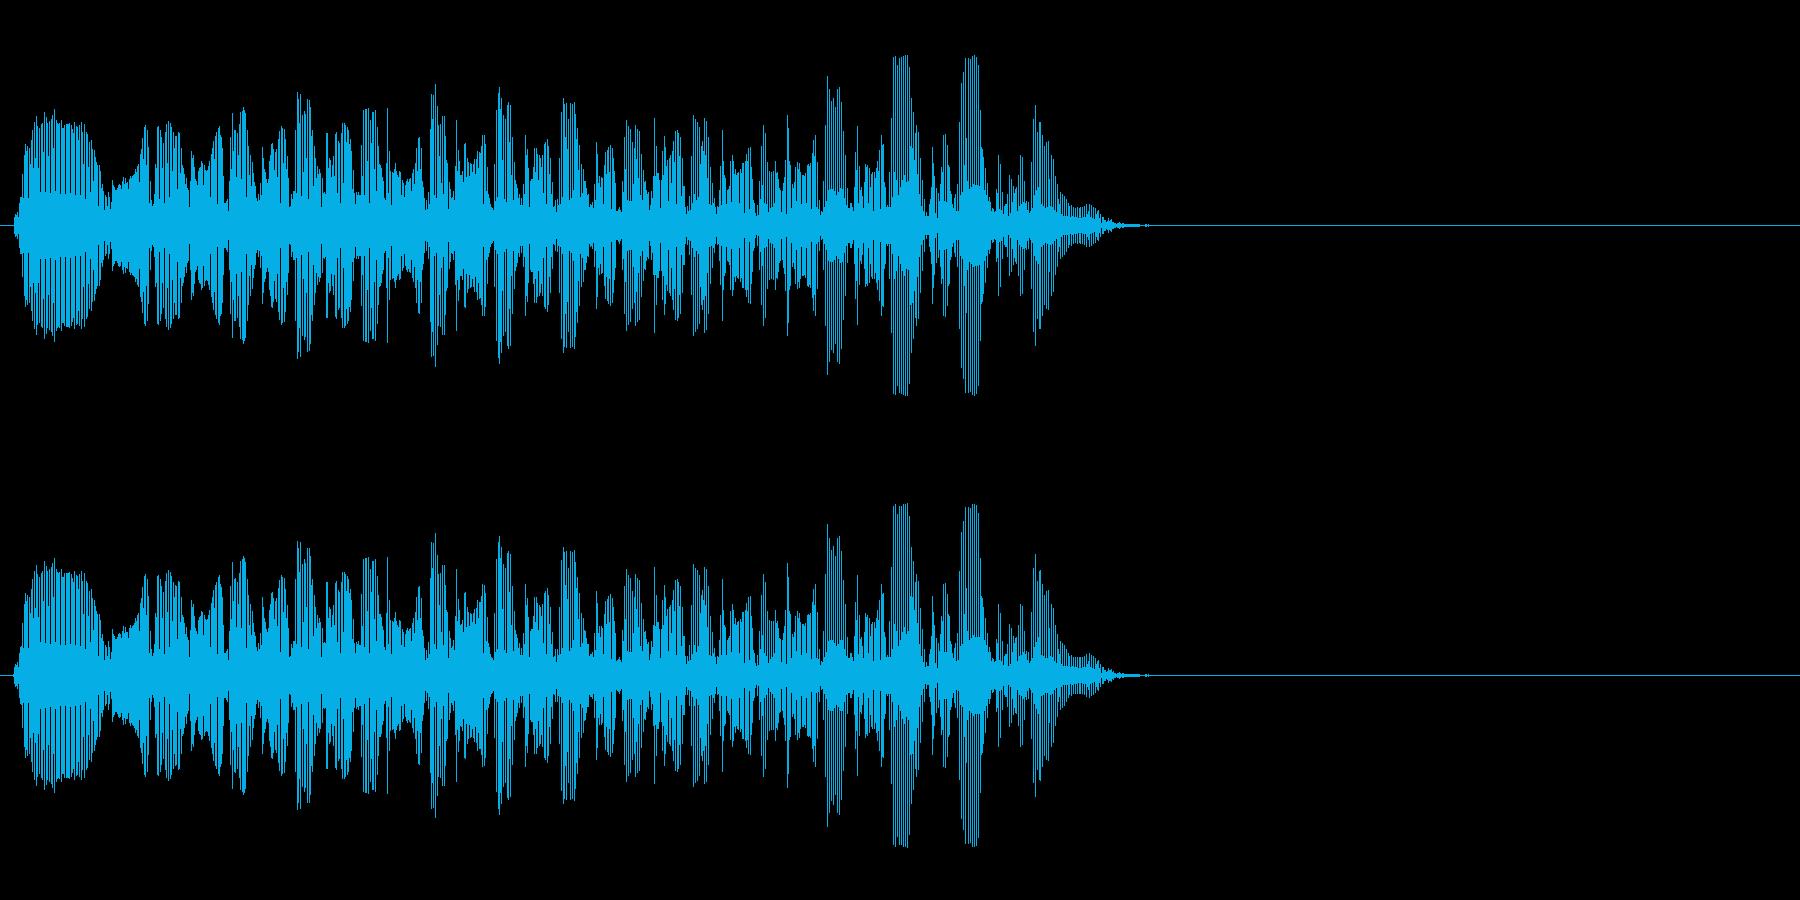 ミュートトロンボーン-ラピッド、フ...の再生済みの波形